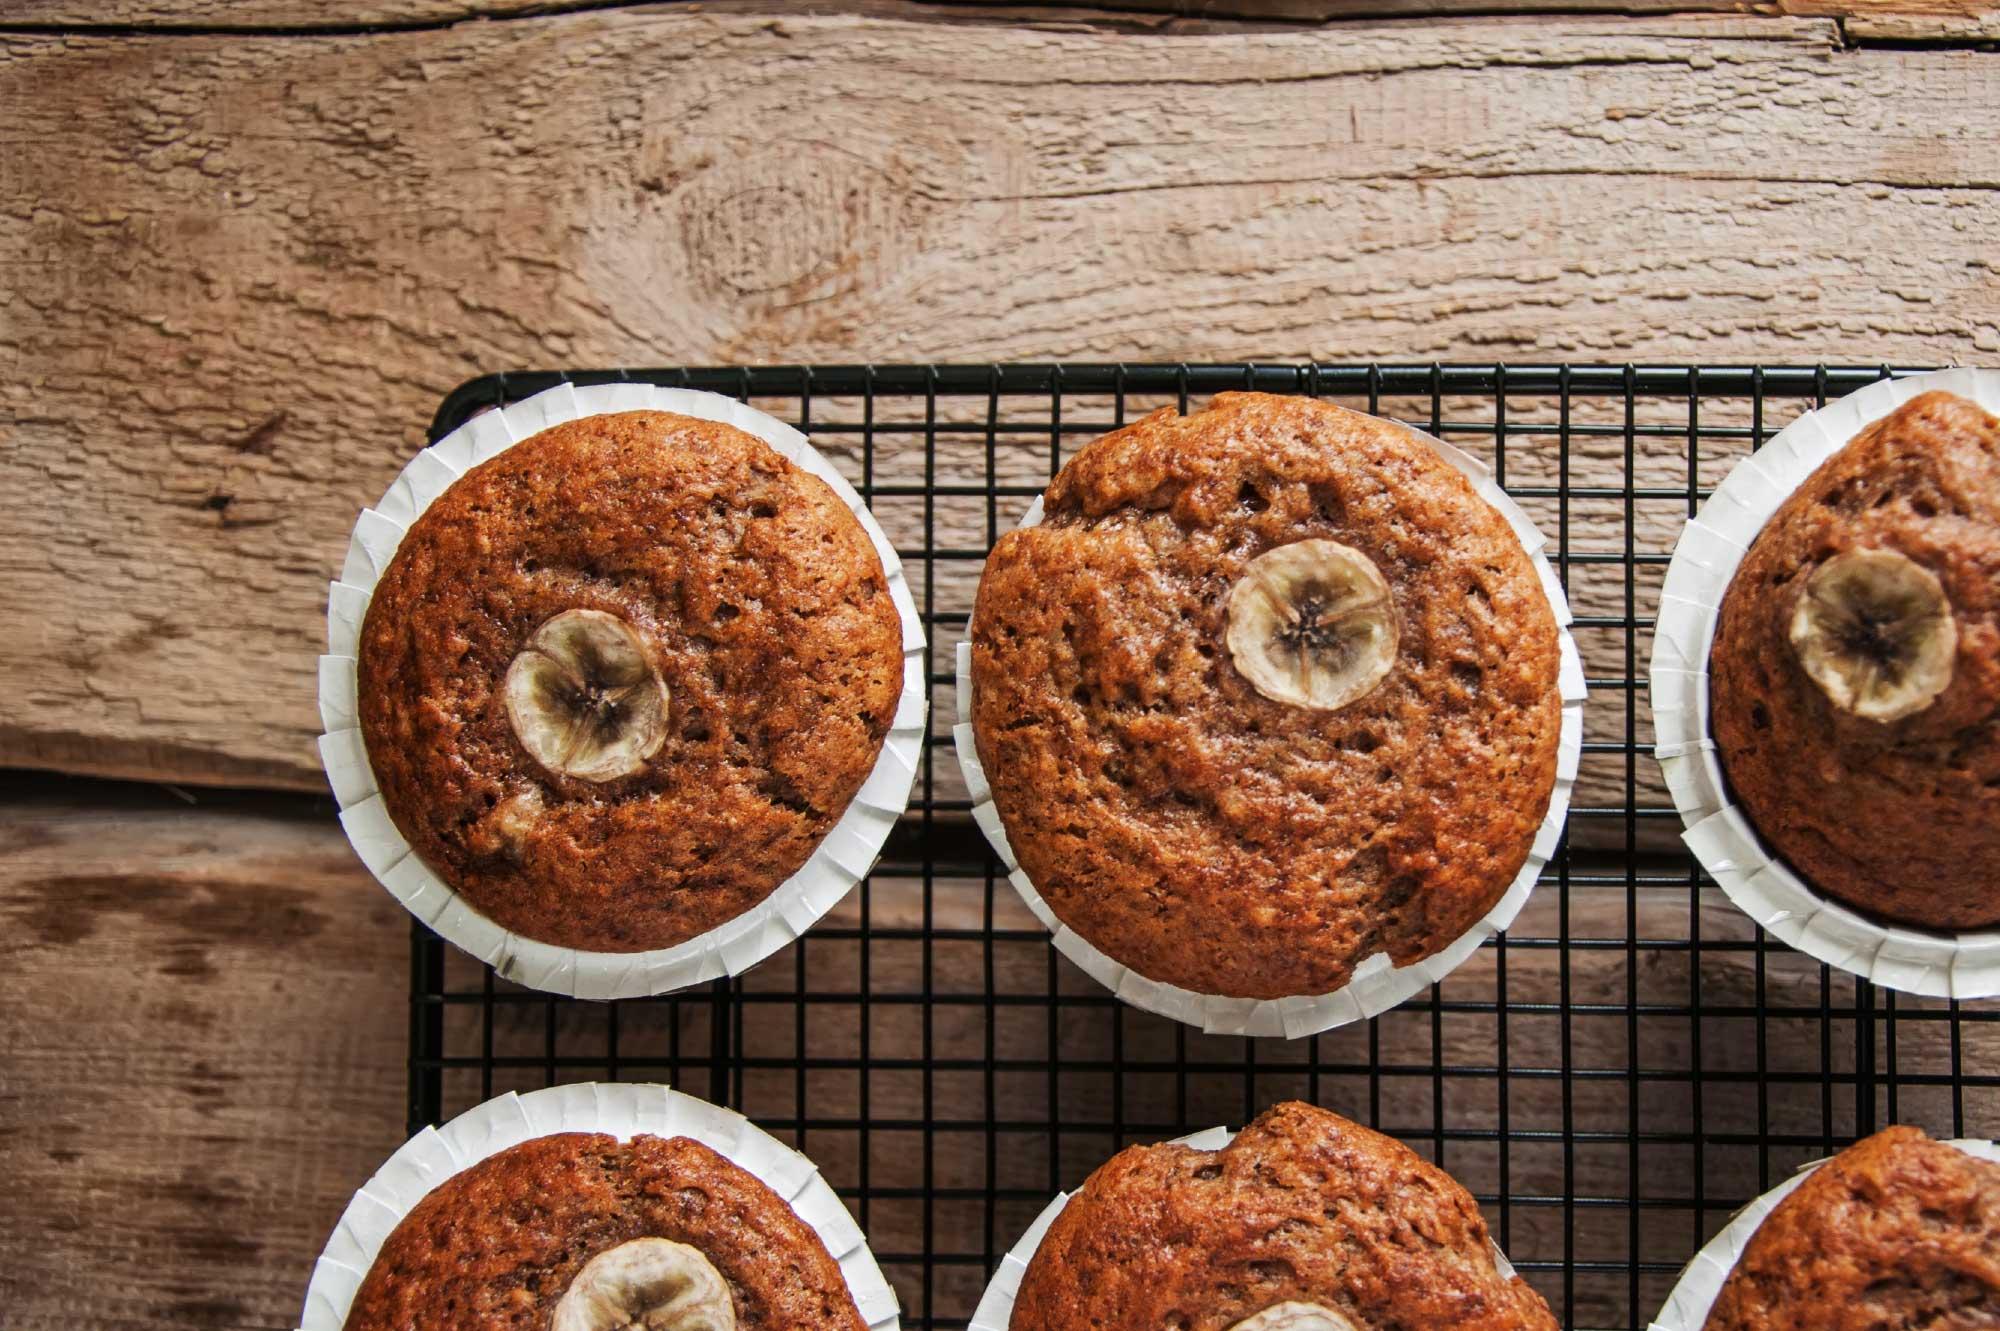 Recept bananenmuffins honing kaneel| Bedrijfscatering | De Groene Artisanen